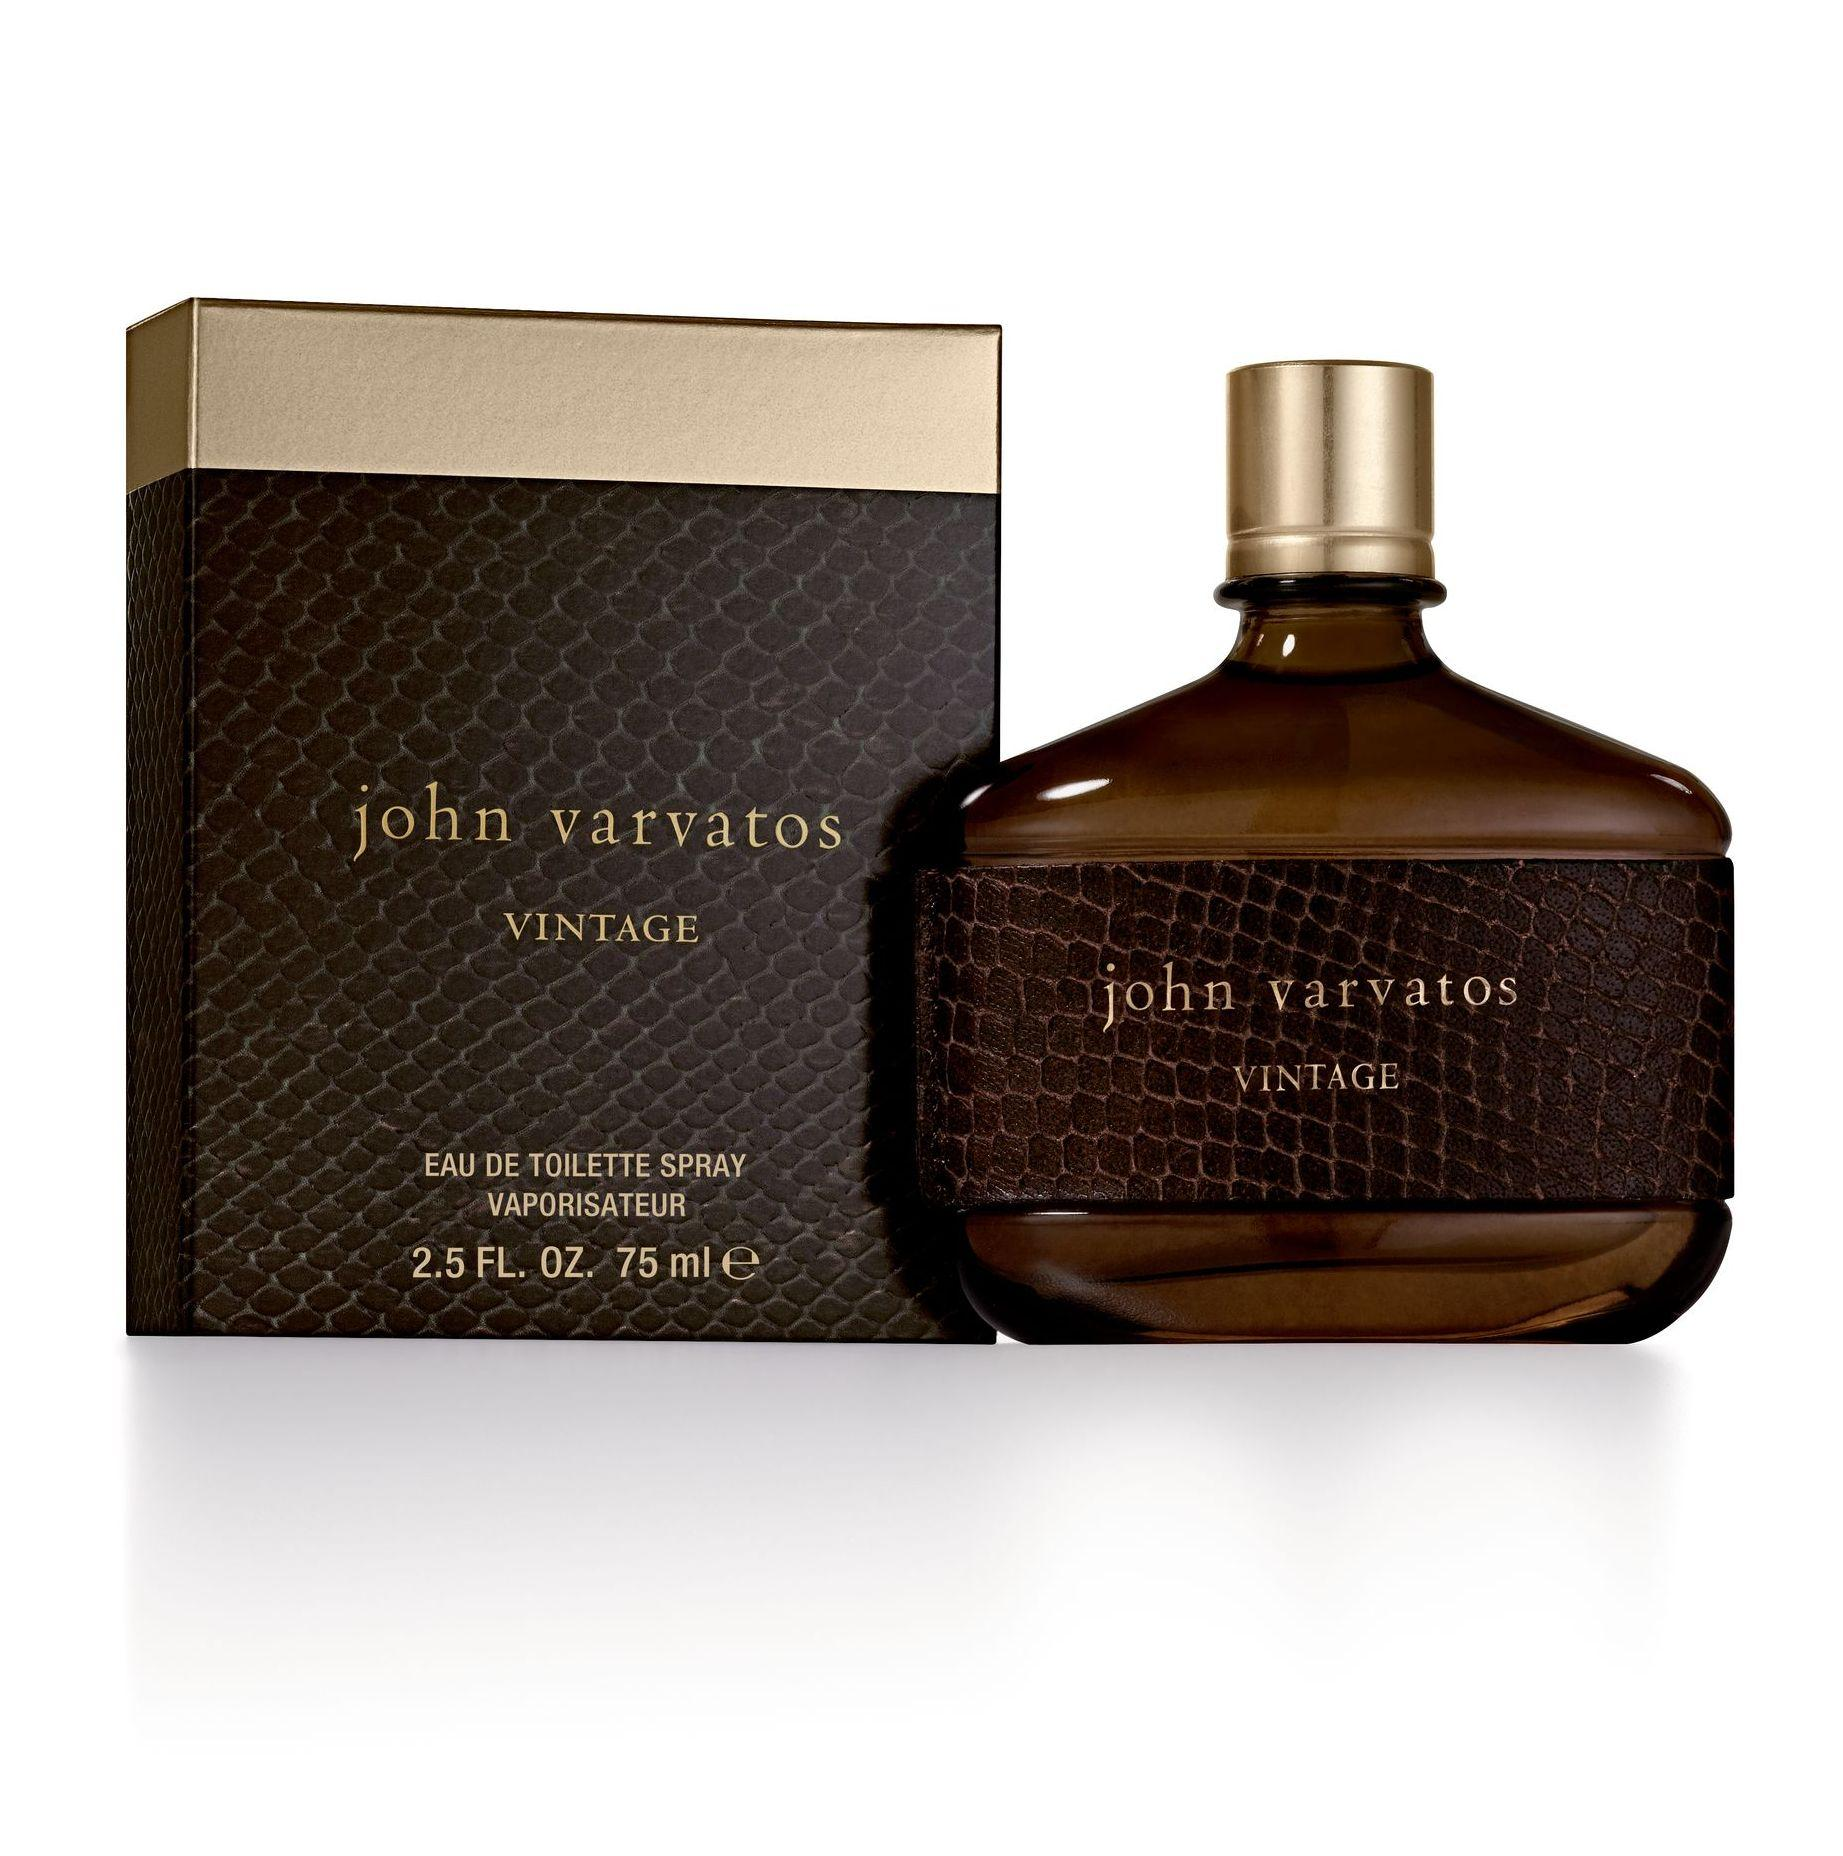 john varvatos vintage eau de toilette spray 2 5 fl oz john varvatos vintage. Black Bedroom Furniture Sets. Home Design Ideas